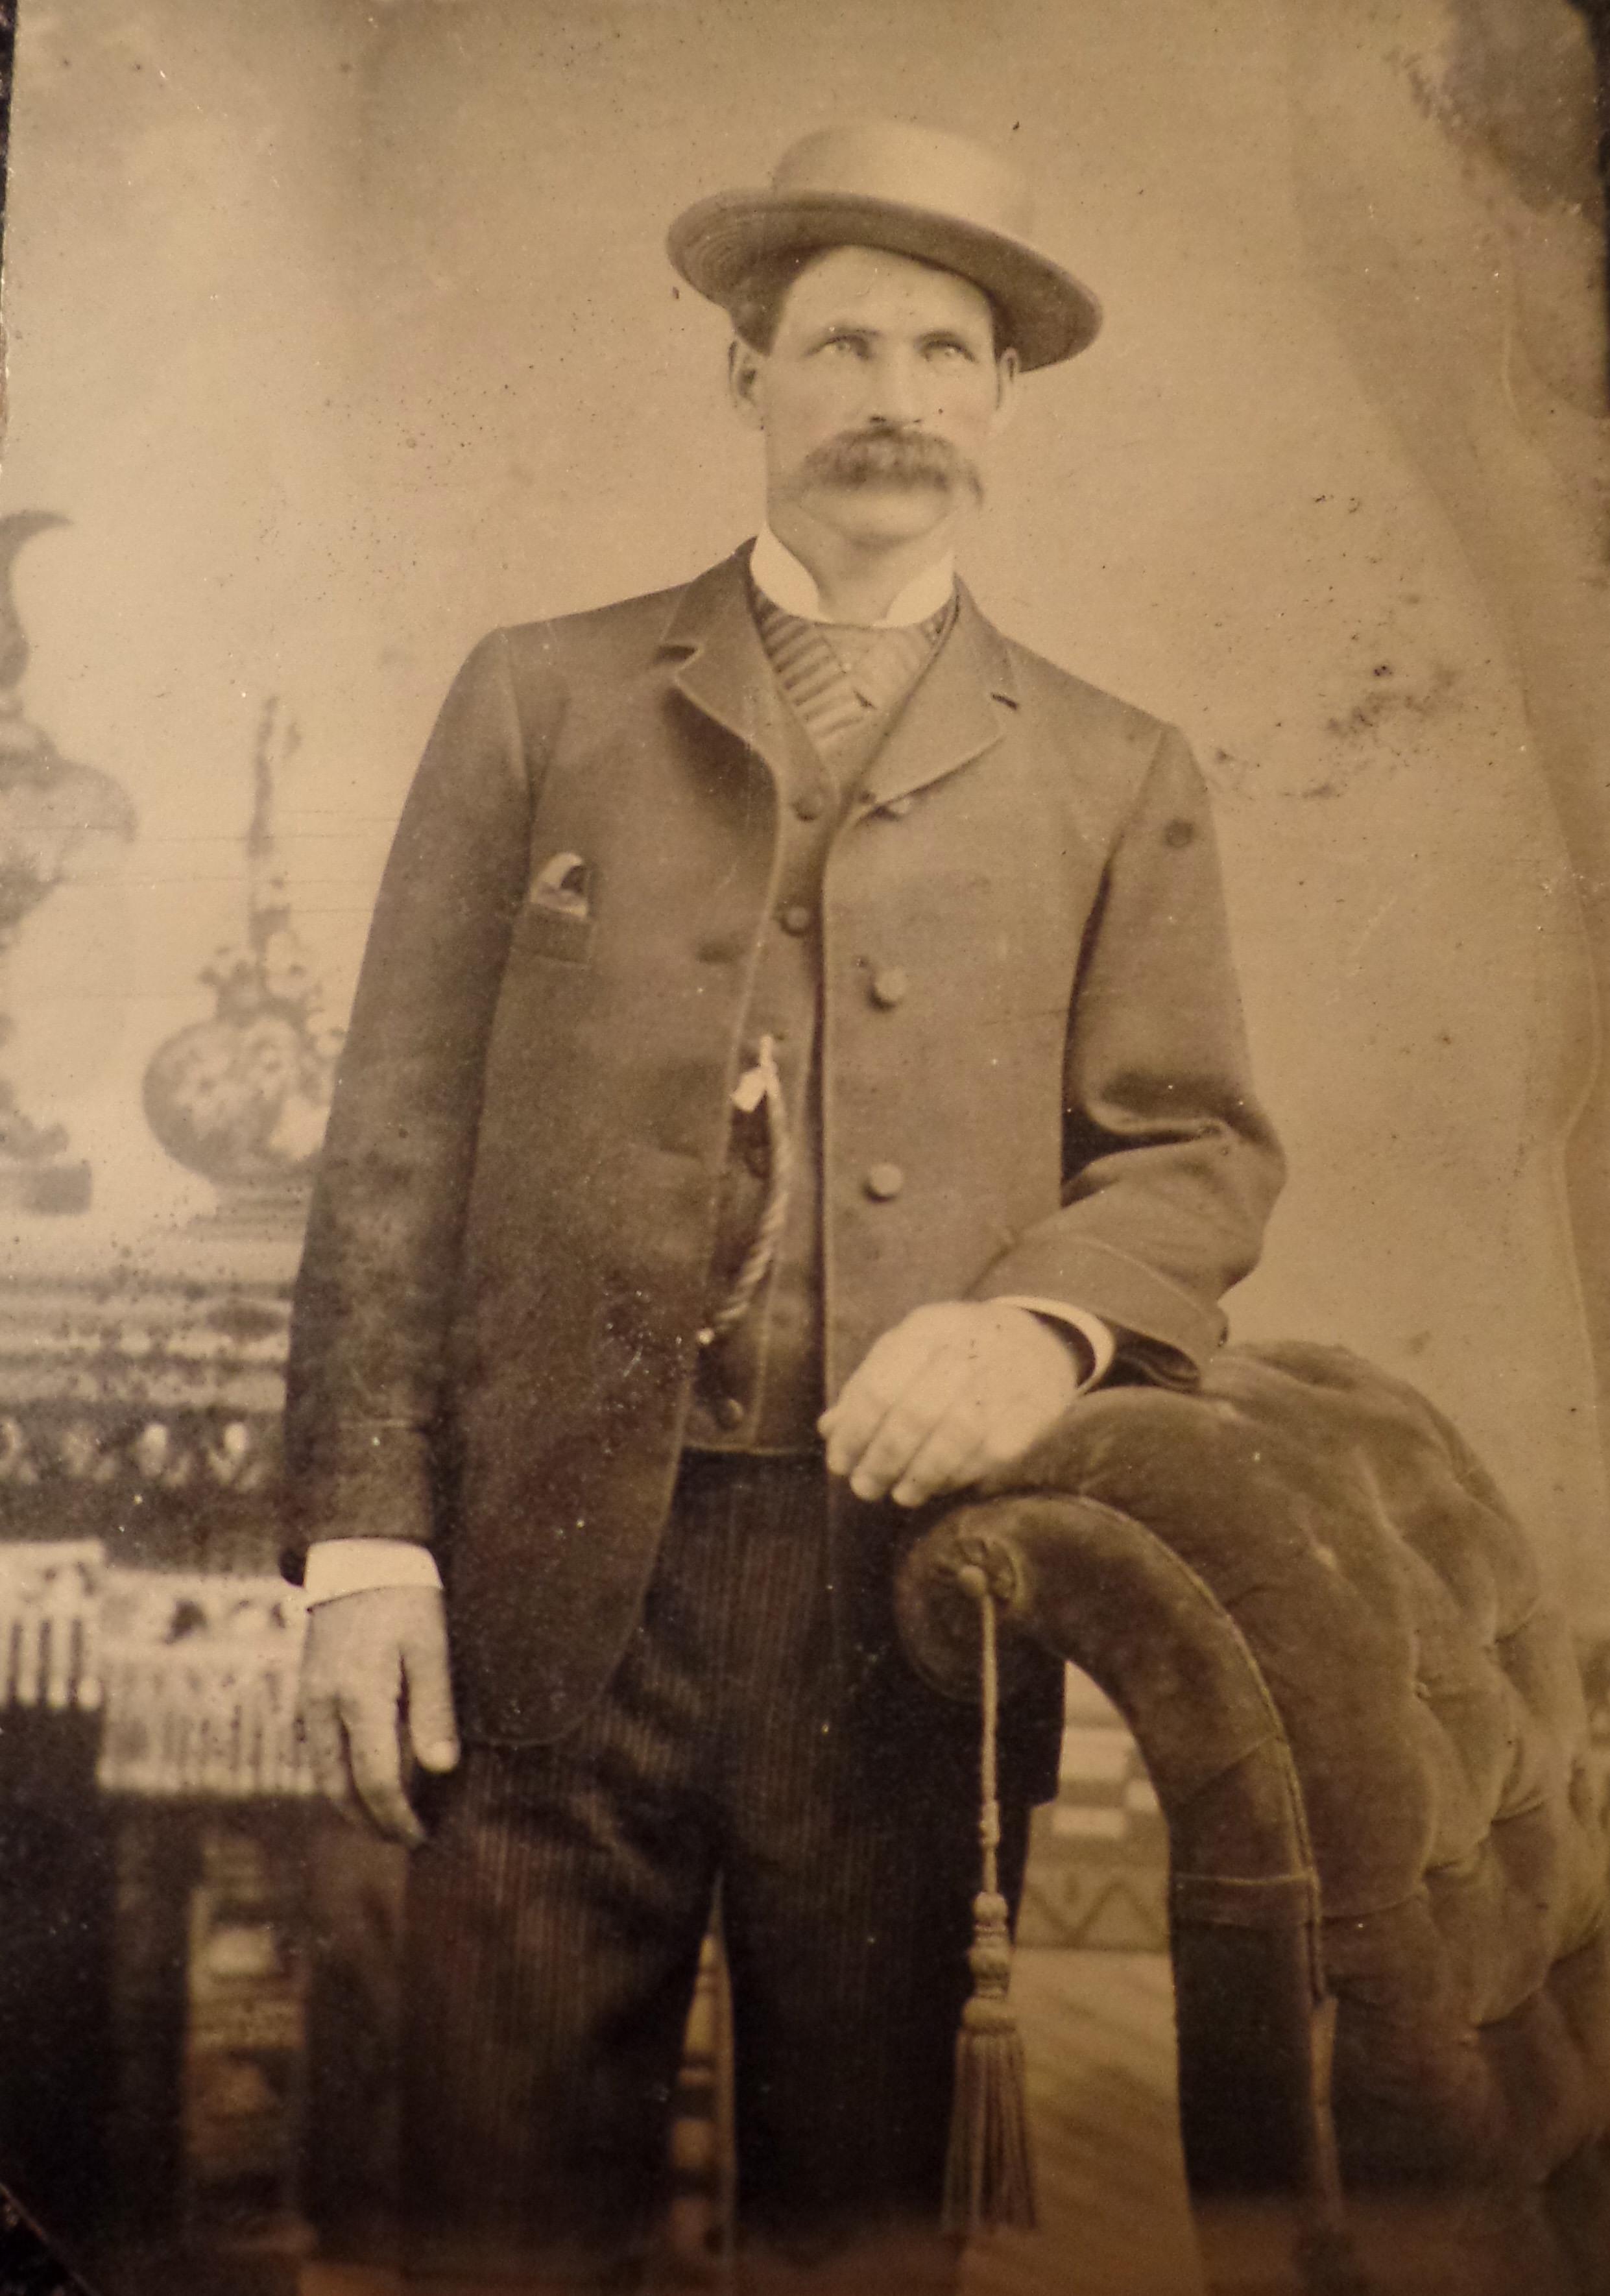 George Arthur Weigel